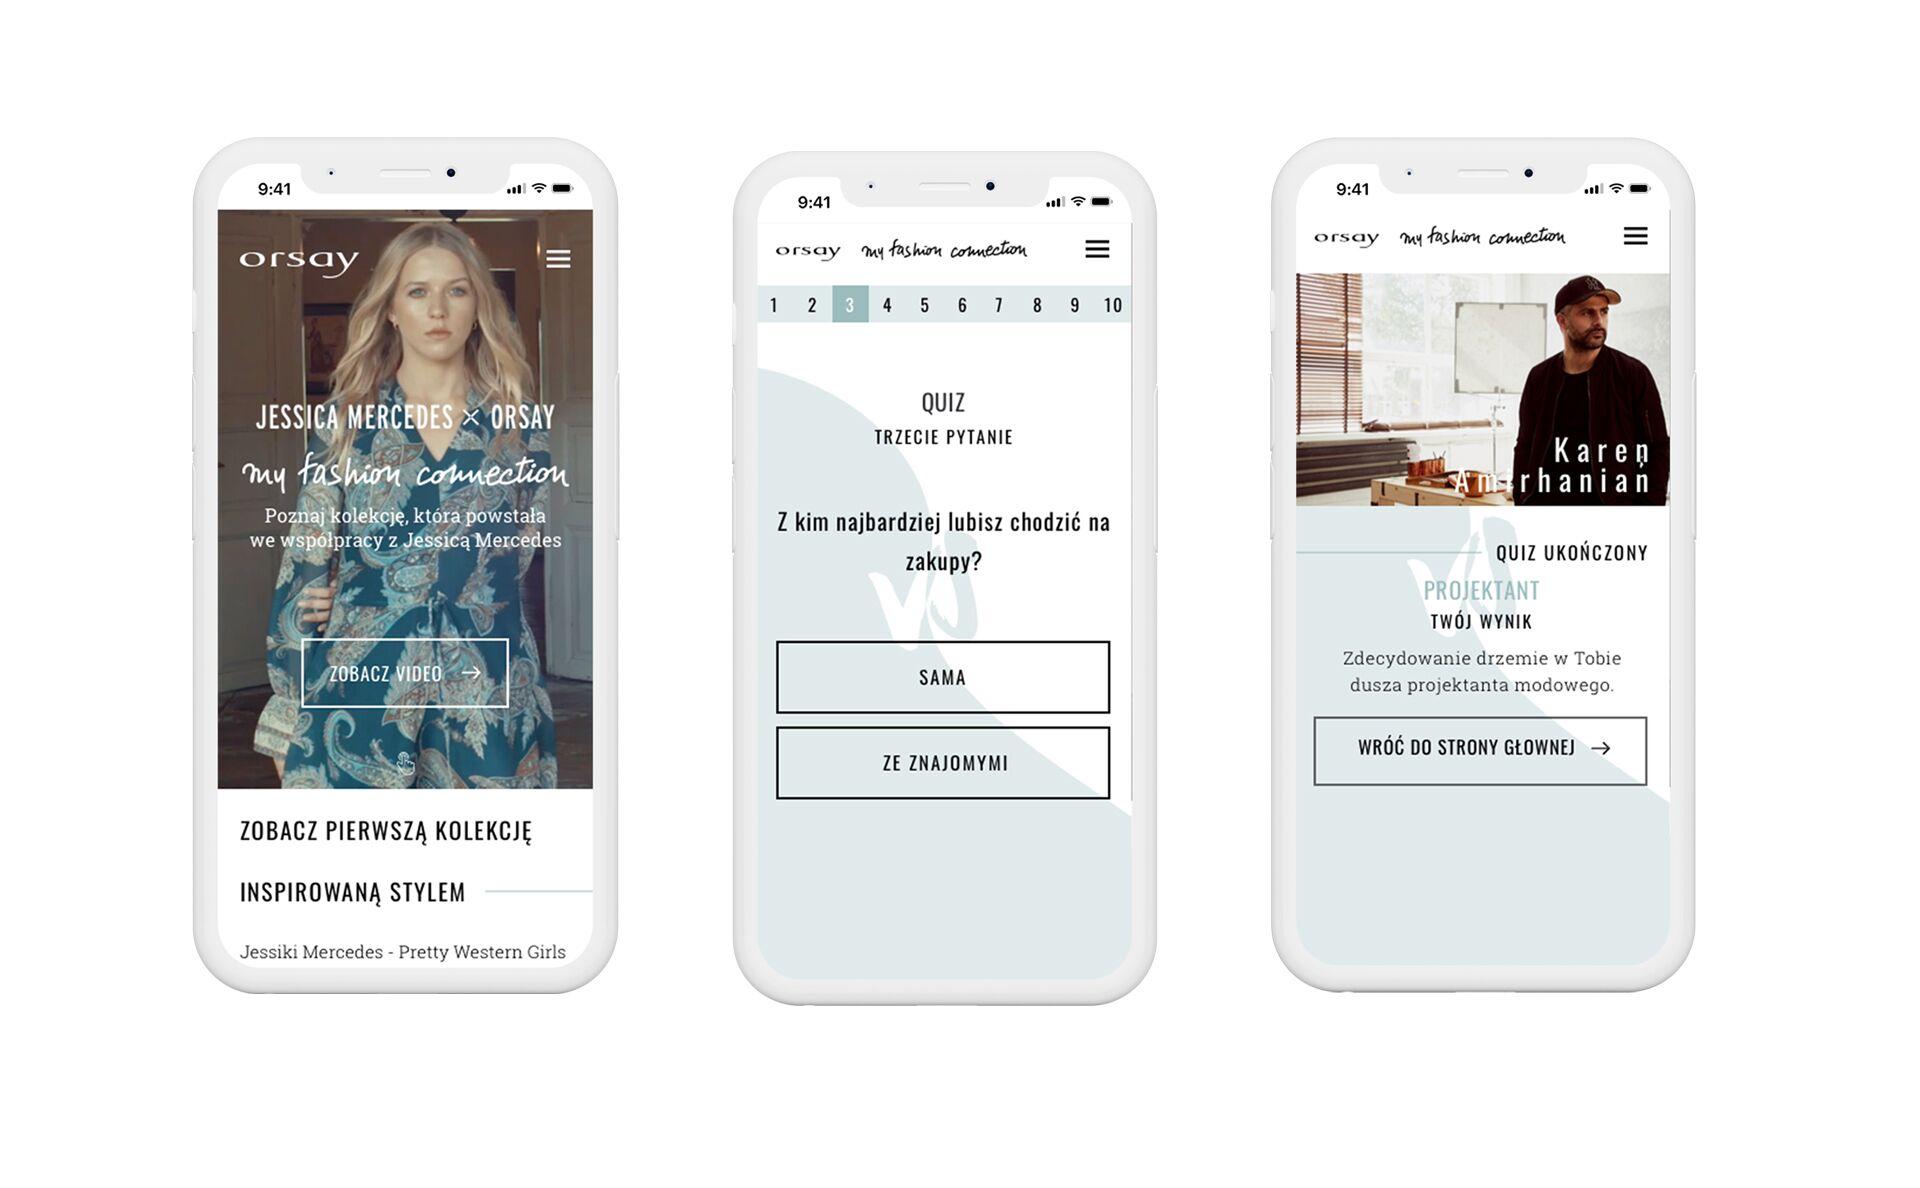 wersja mobilna aplikacji konkursowej orsay i jessici mercedes na potrzeby akcji: My Fashion Collection